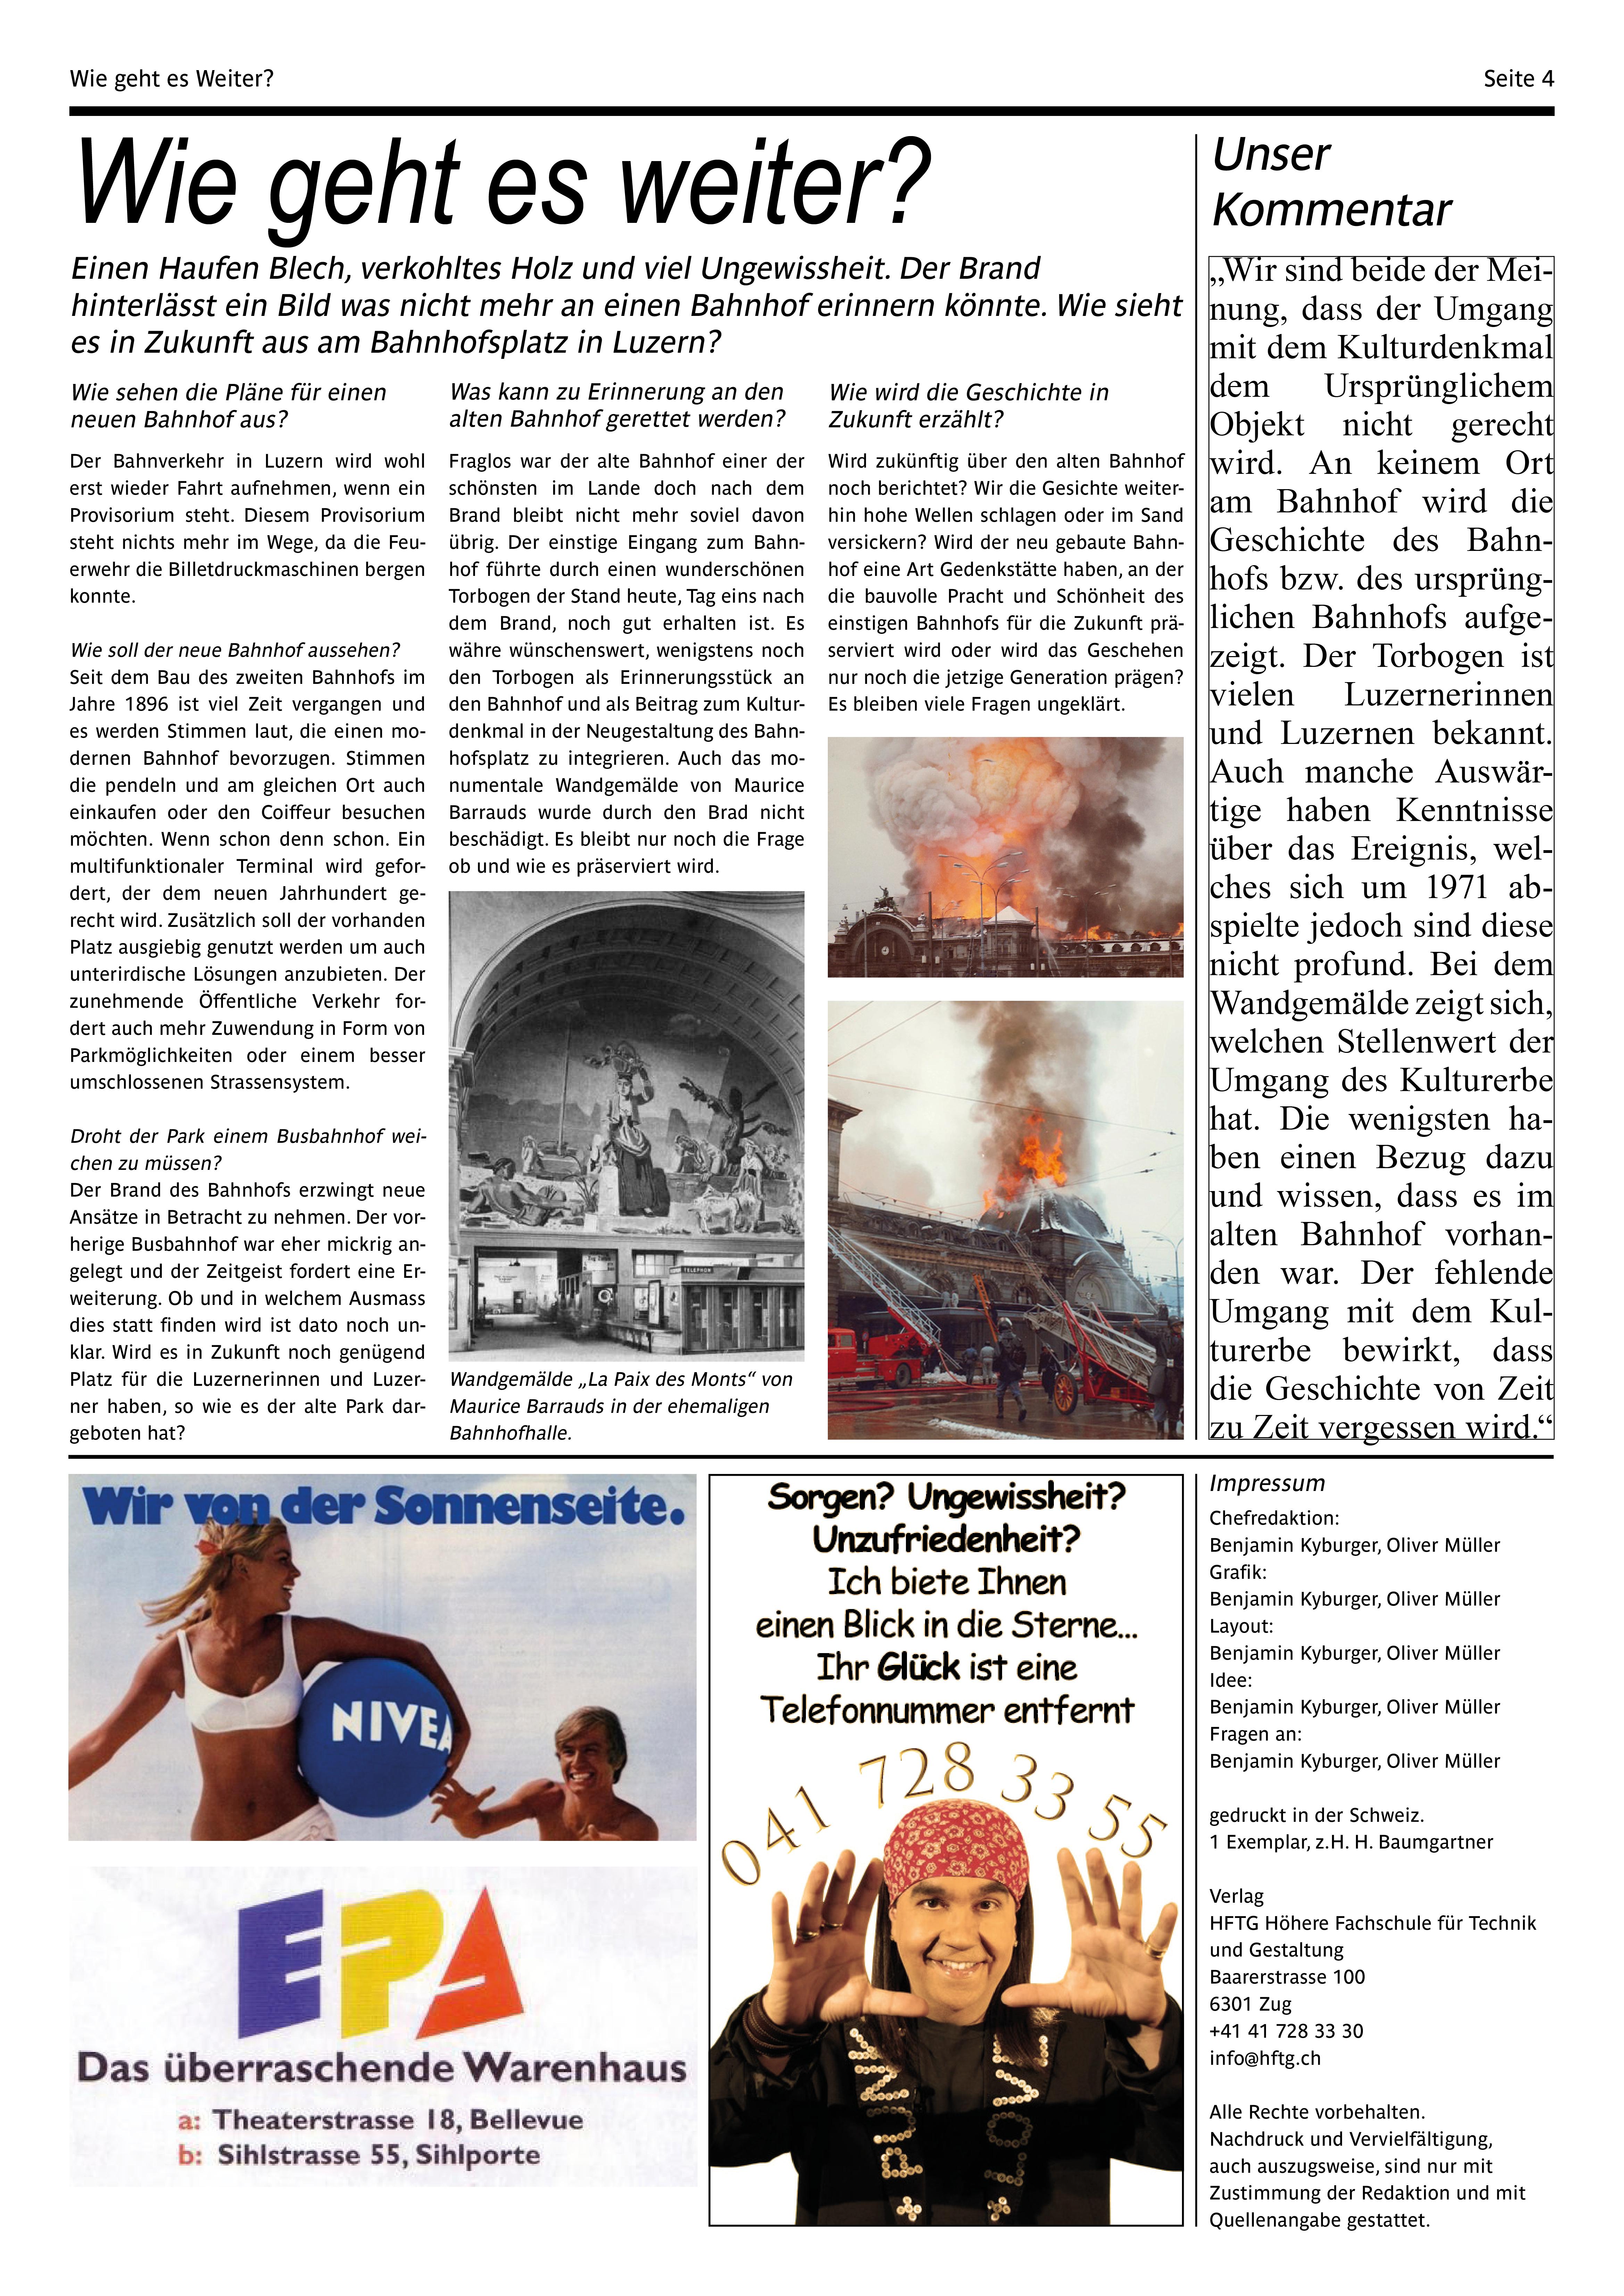 Zeitungartikel Seite 4